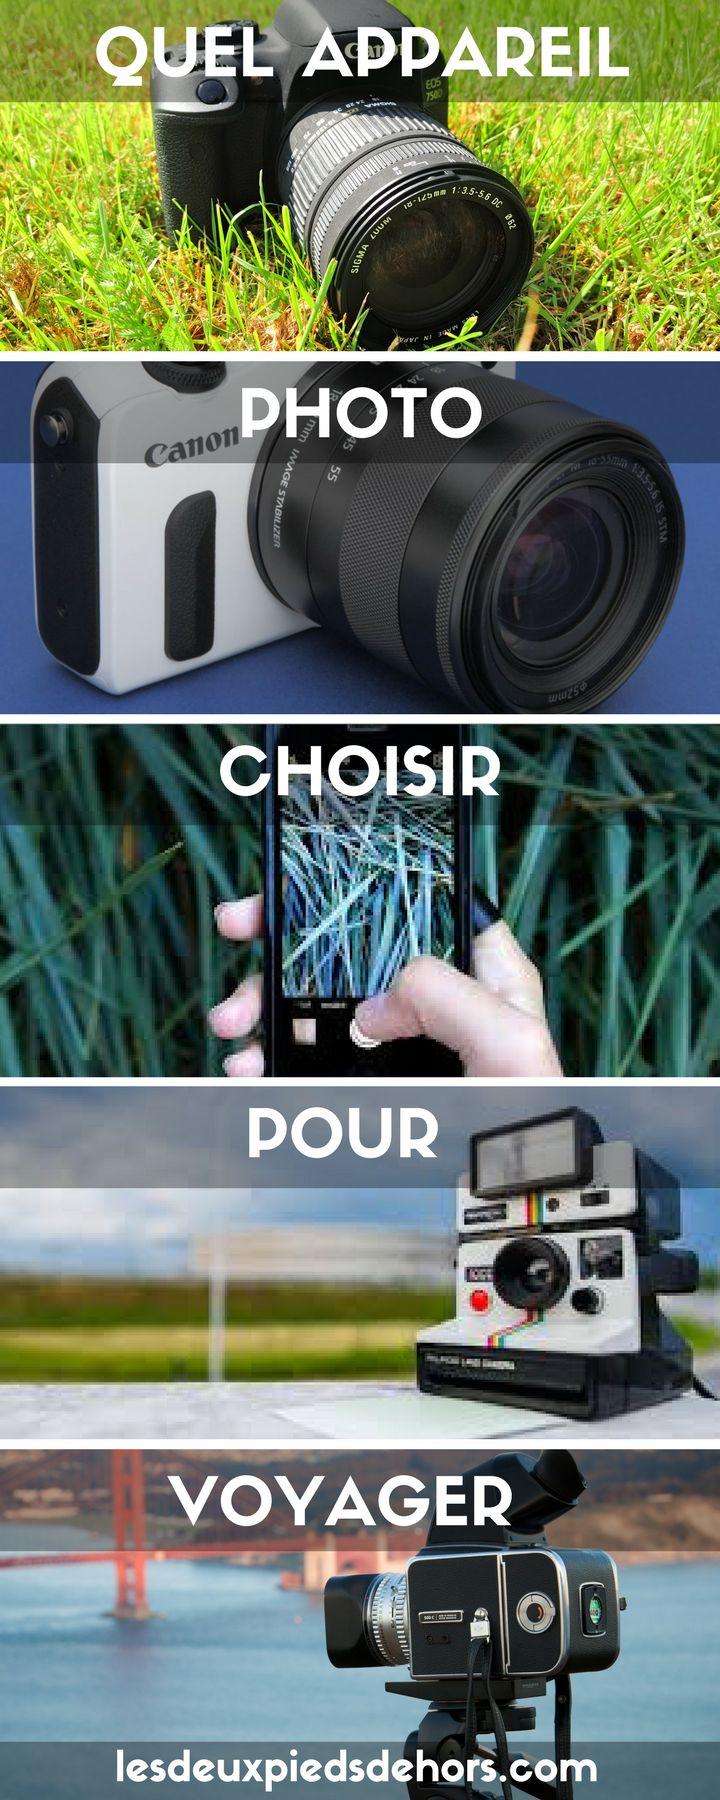 Vous partez en voyage, en tour du monde, en week-end, en vacances ? Vous avez décidé d'acheter un appareil photo mais vous ne savez pas lequel choisir ? Il en existe tellement : smartphone, bridge, hybride, reflex, Polaroid. Je vous guide dans votre achat !